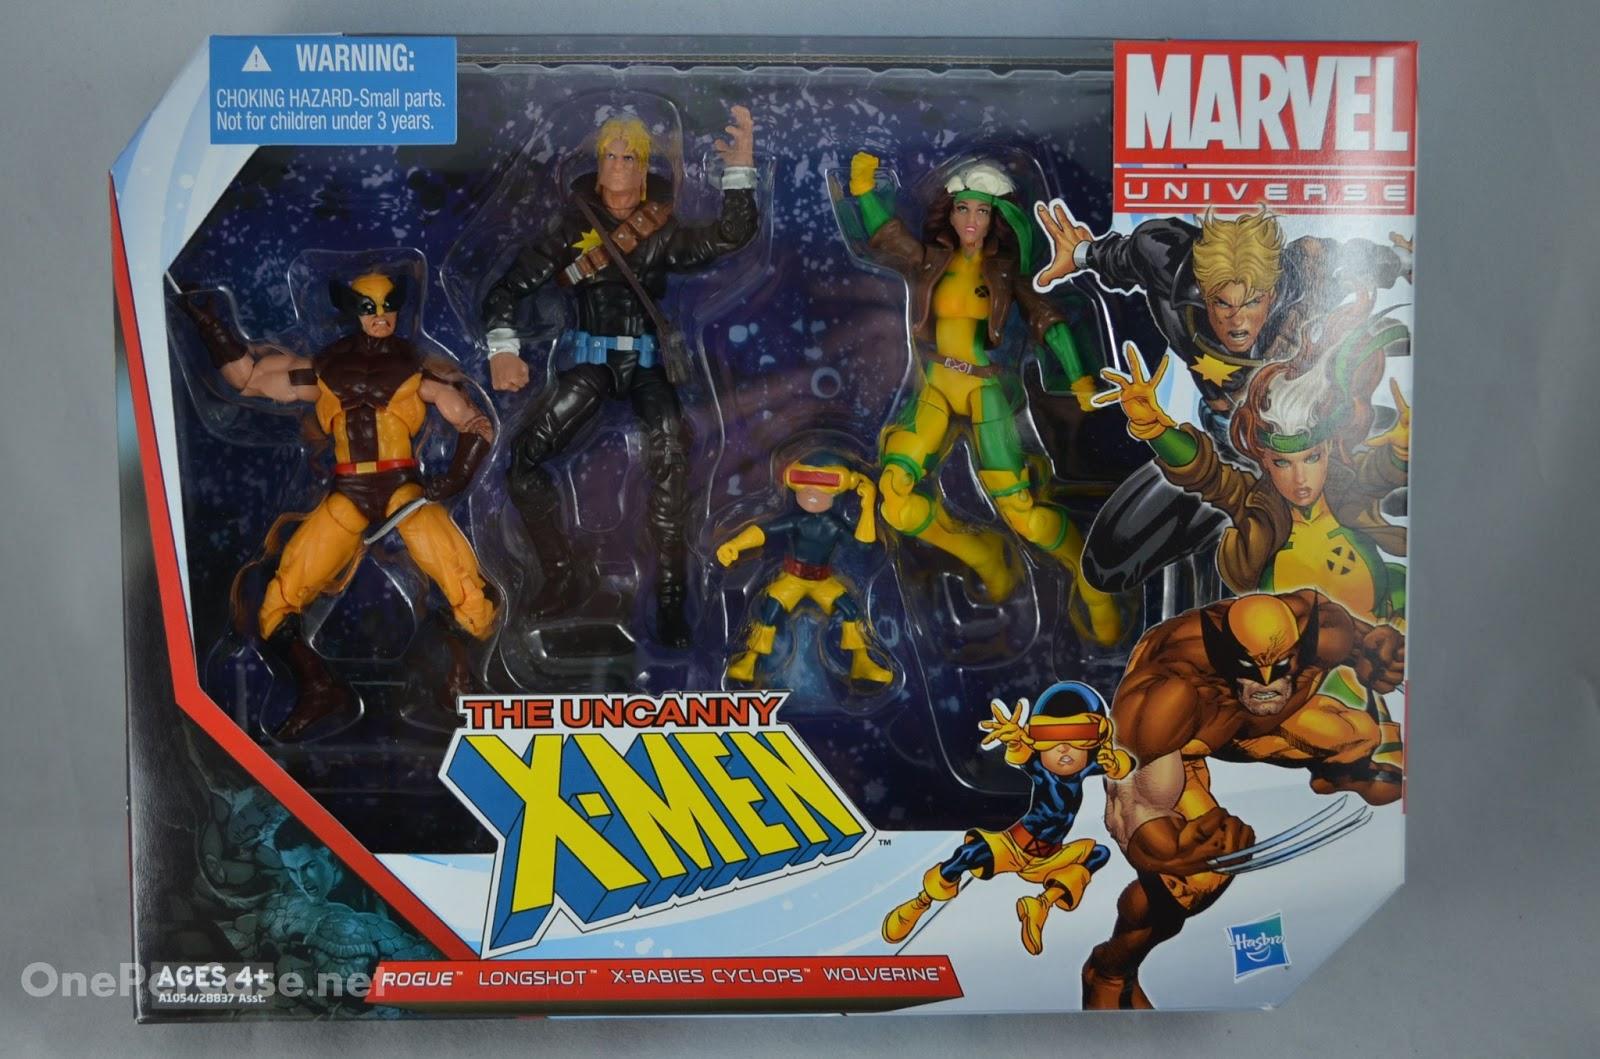 """ASTONISHING WOLVERINE Marvel Universe 3.75/"""" figure u pick JIM LEE X-23 BEAST"""